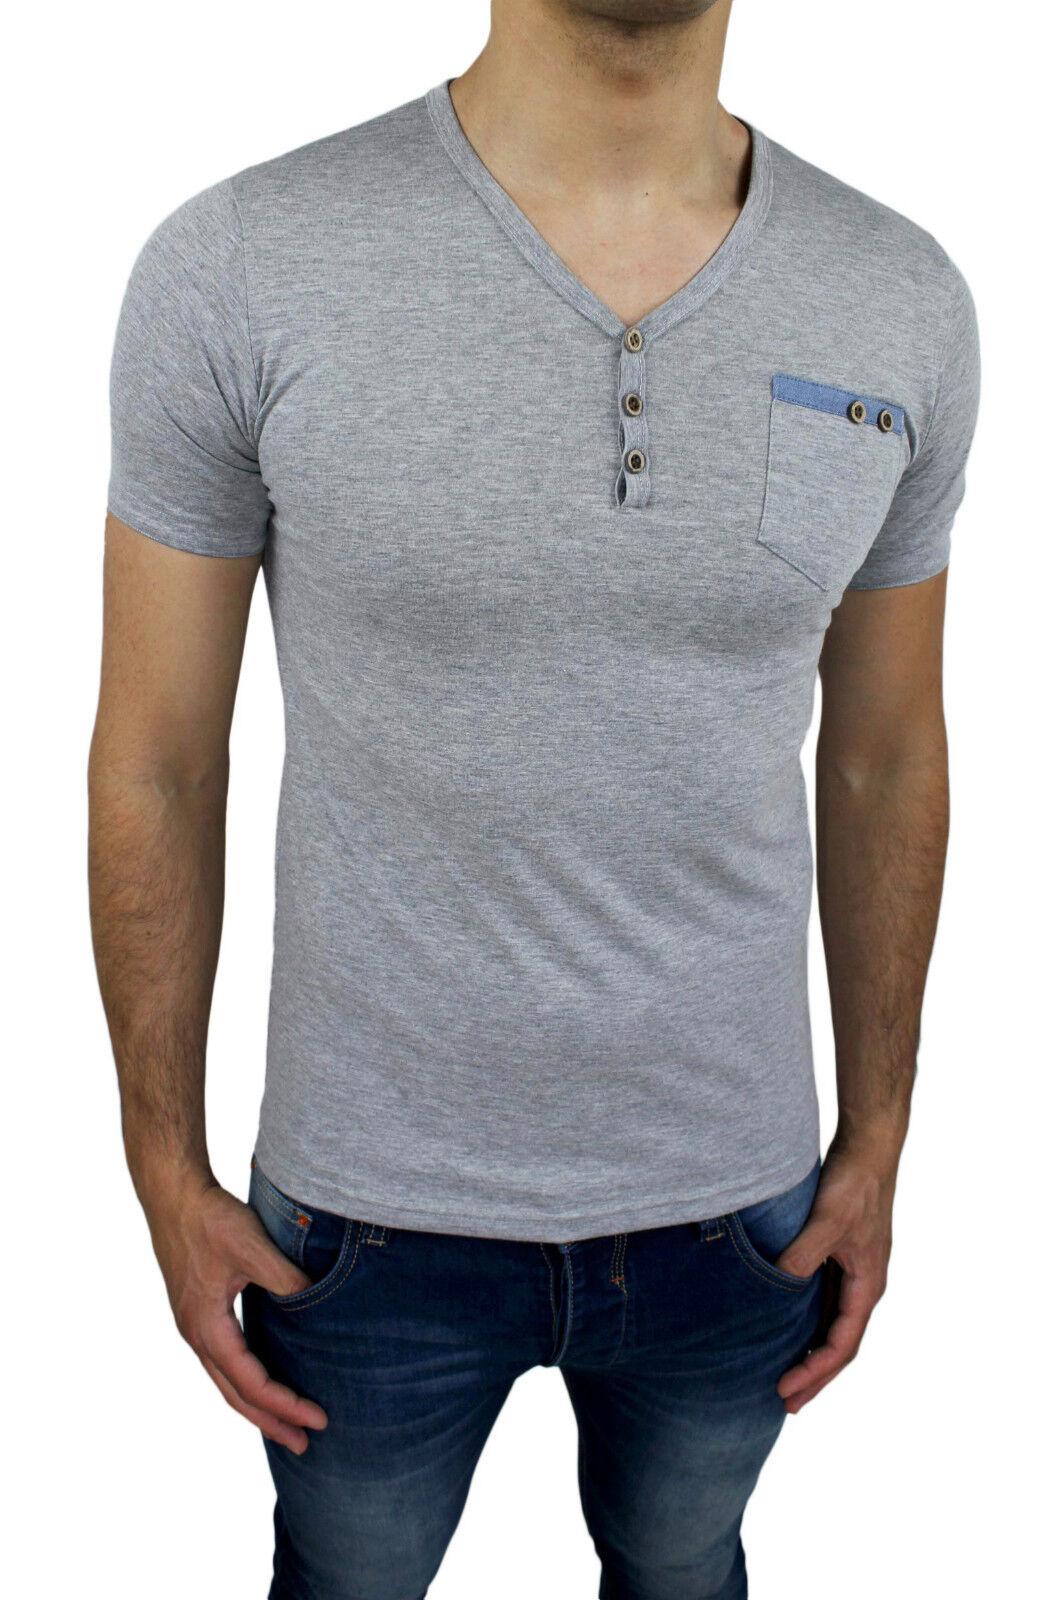 T Bottoni Grigio Maglia Slim Tg Fit Uomo Chiaro Casual Shirt Con F1JTKlc